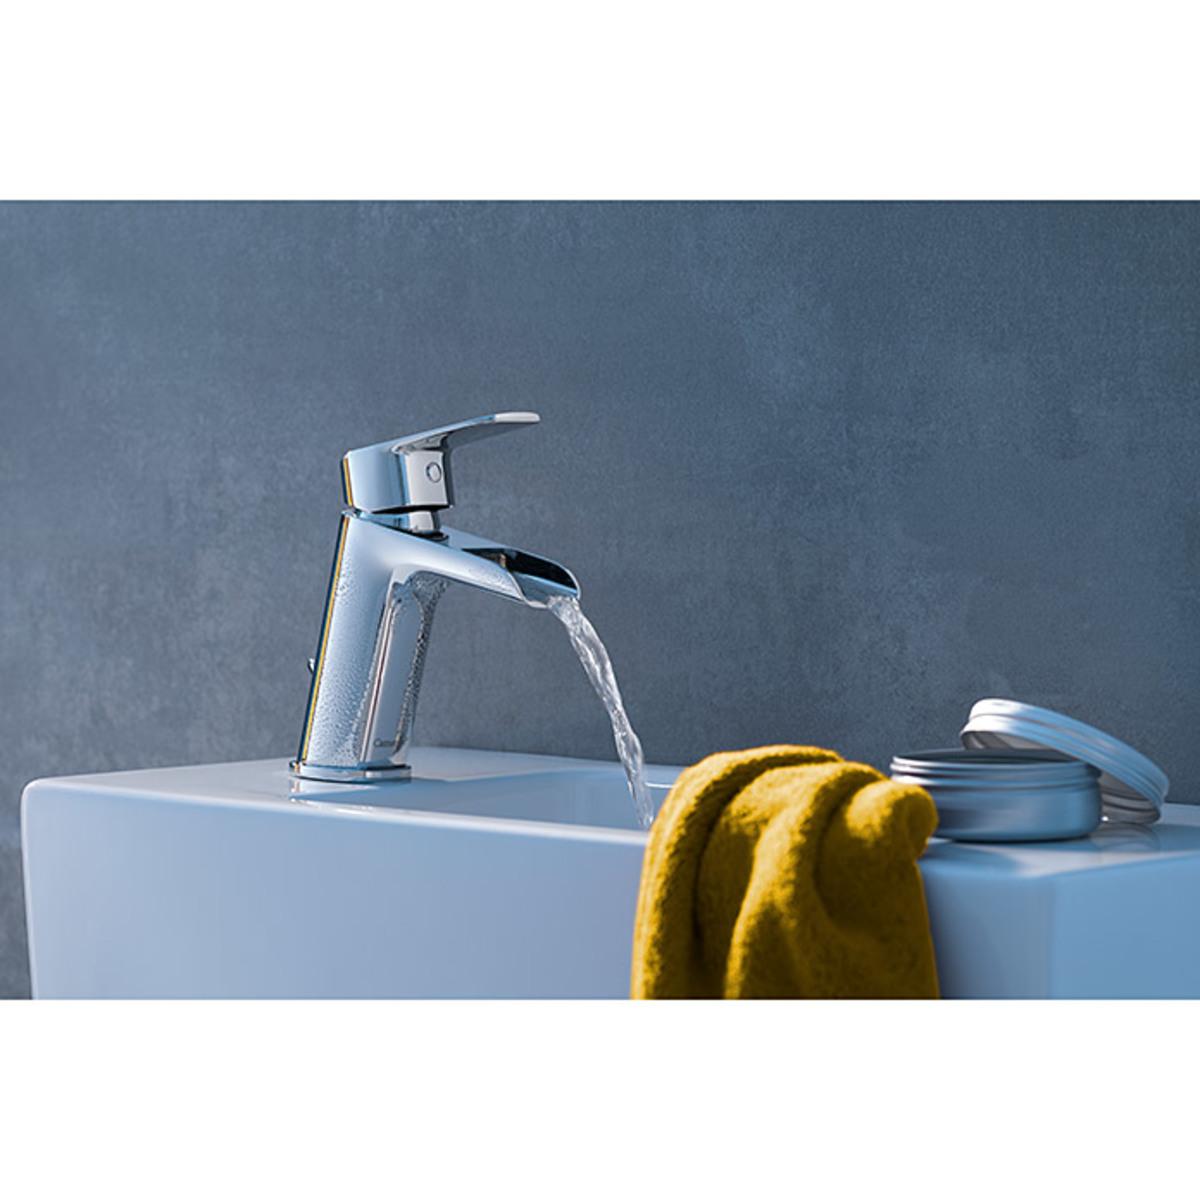 Bild 2 von Camargue Waschtischarmatur Toronto